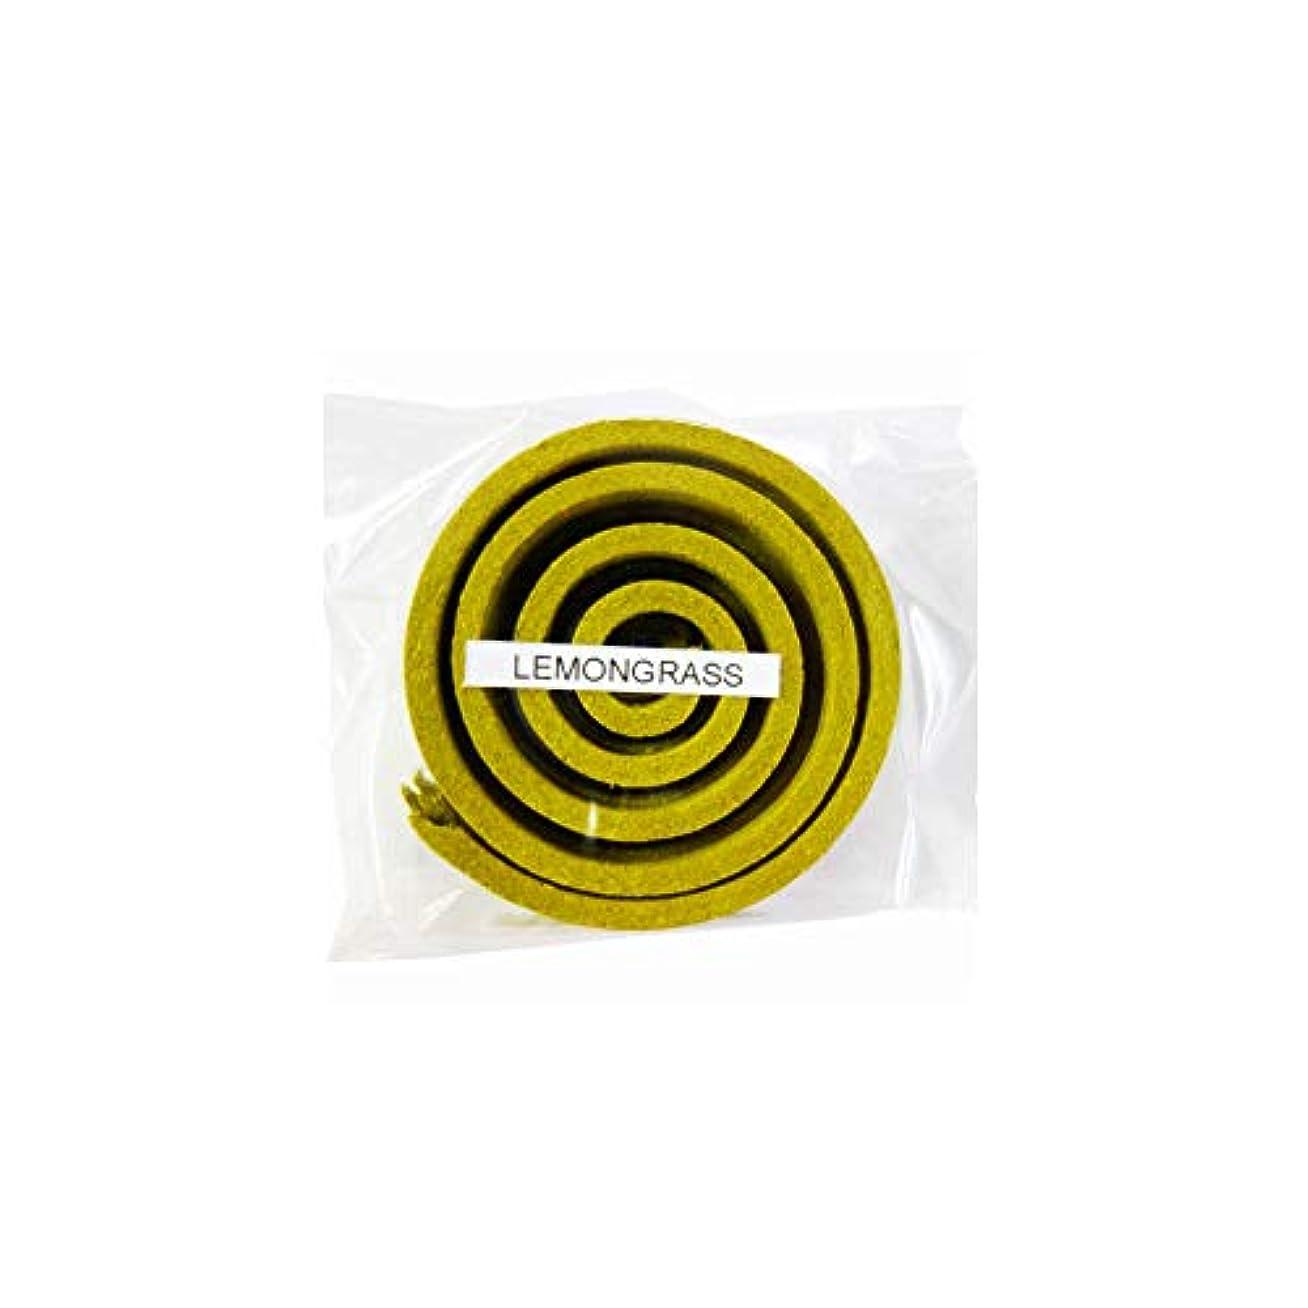 ハイキングランプユーザーお香/うずまき香 LEMMNGRASS レモングラス 直径5cm×5巻セット [並行輸入品]